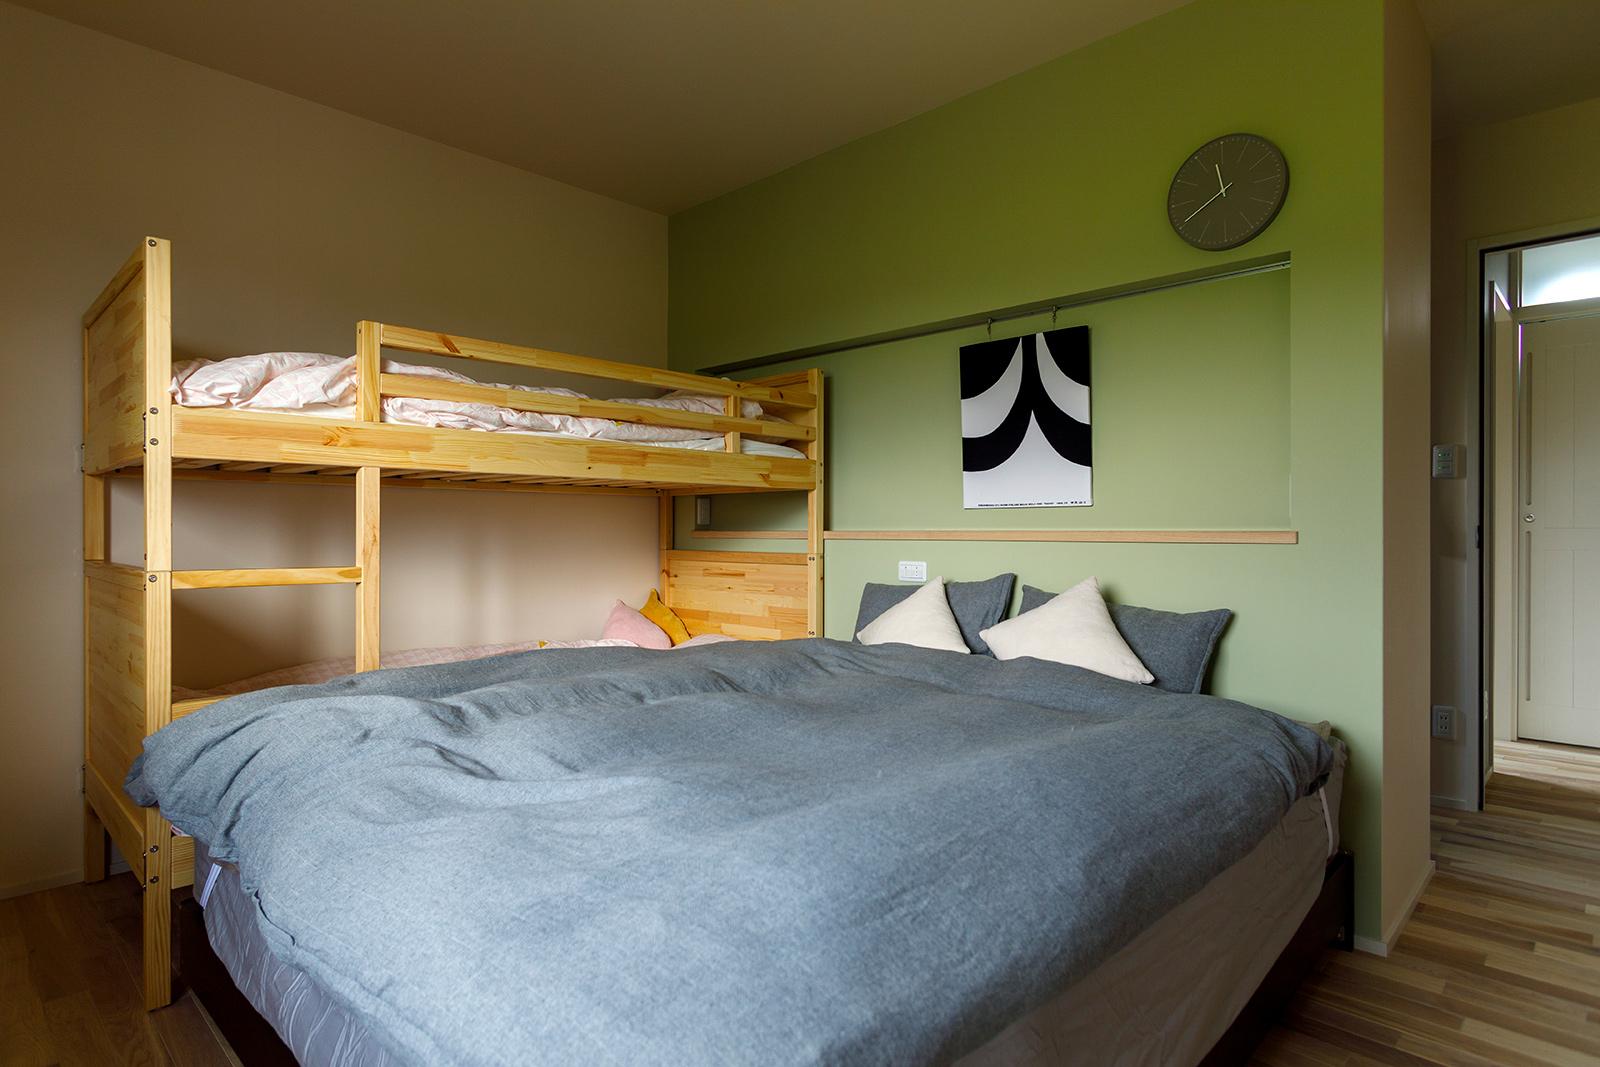 Aさん宅は1階に寝室を配置。「娘たちが独立した後は平屋的に暮らせるように配慮しました」と奥さん